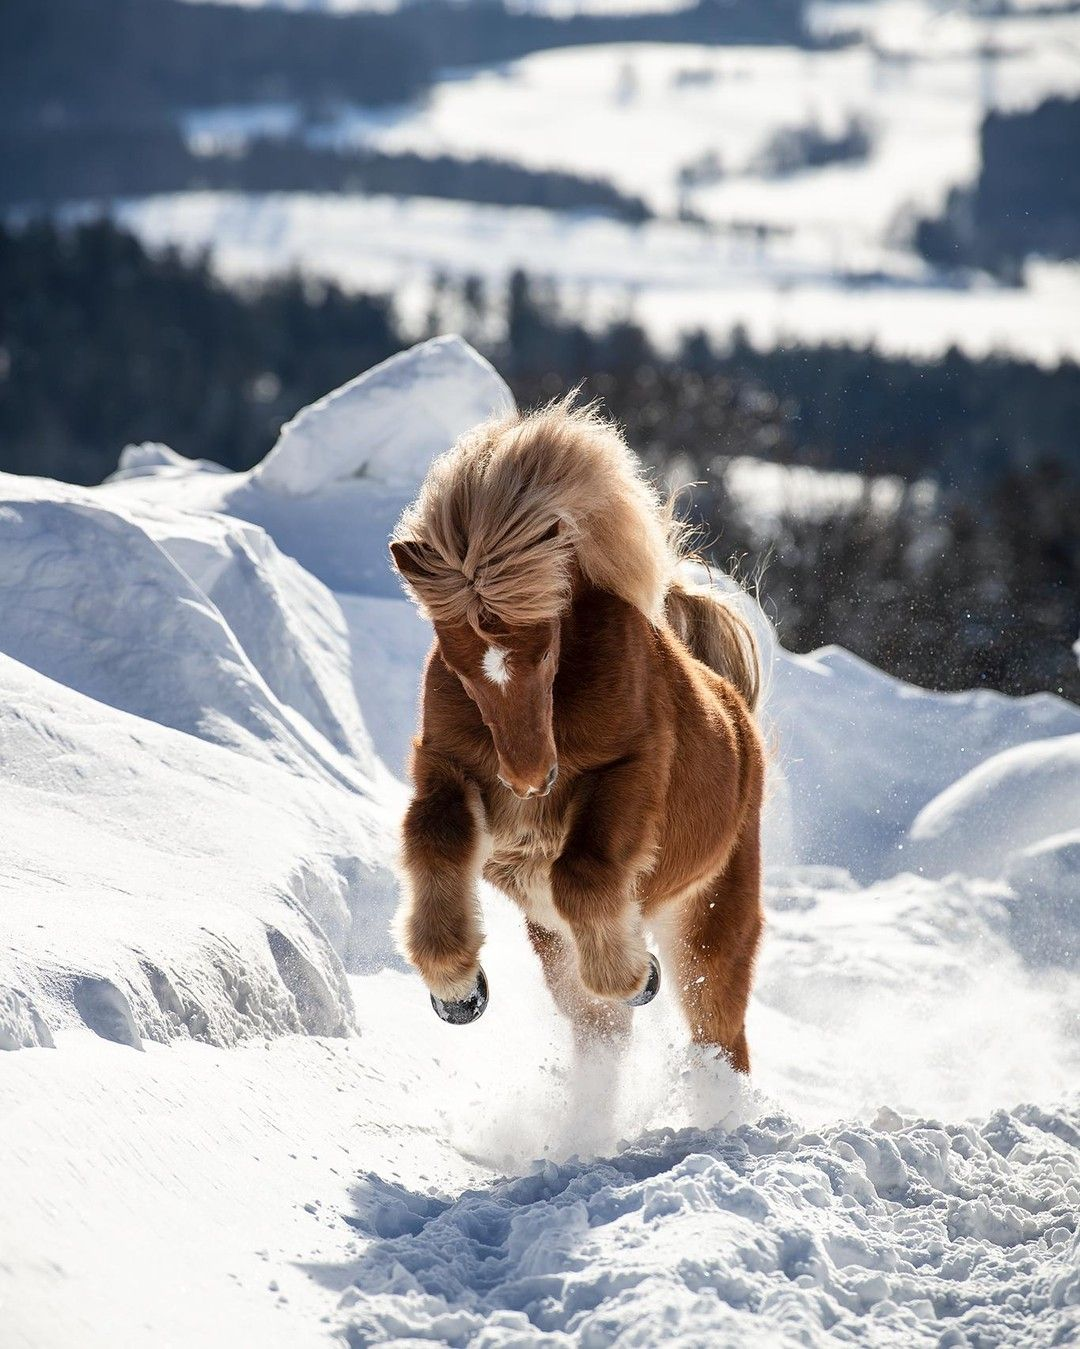 """Ann-Christin Vogler on Instagram: """"Wow - was für ein unglaublicher Schneezauber liegt da hinter uns? Gestern stand mein erster Portfolio Tag für dieses Jahr an - und…"""""""